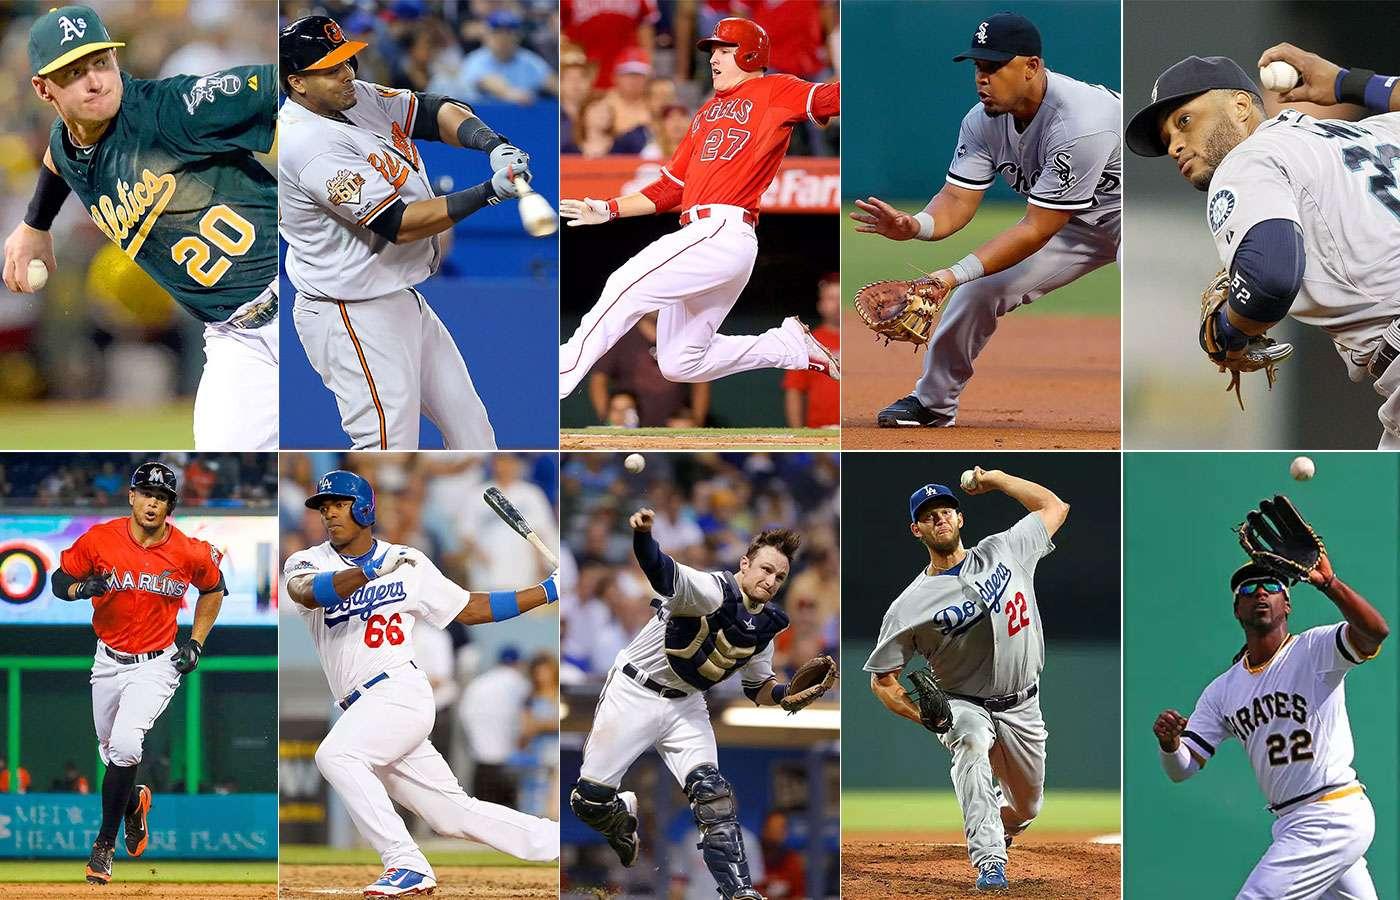 Conoce a los jugadores que por su trabajo son los candidatos a ser el Jugador Más Valioso de su circuito en el beisbol de las Grandes Ligas. Foto: Terra